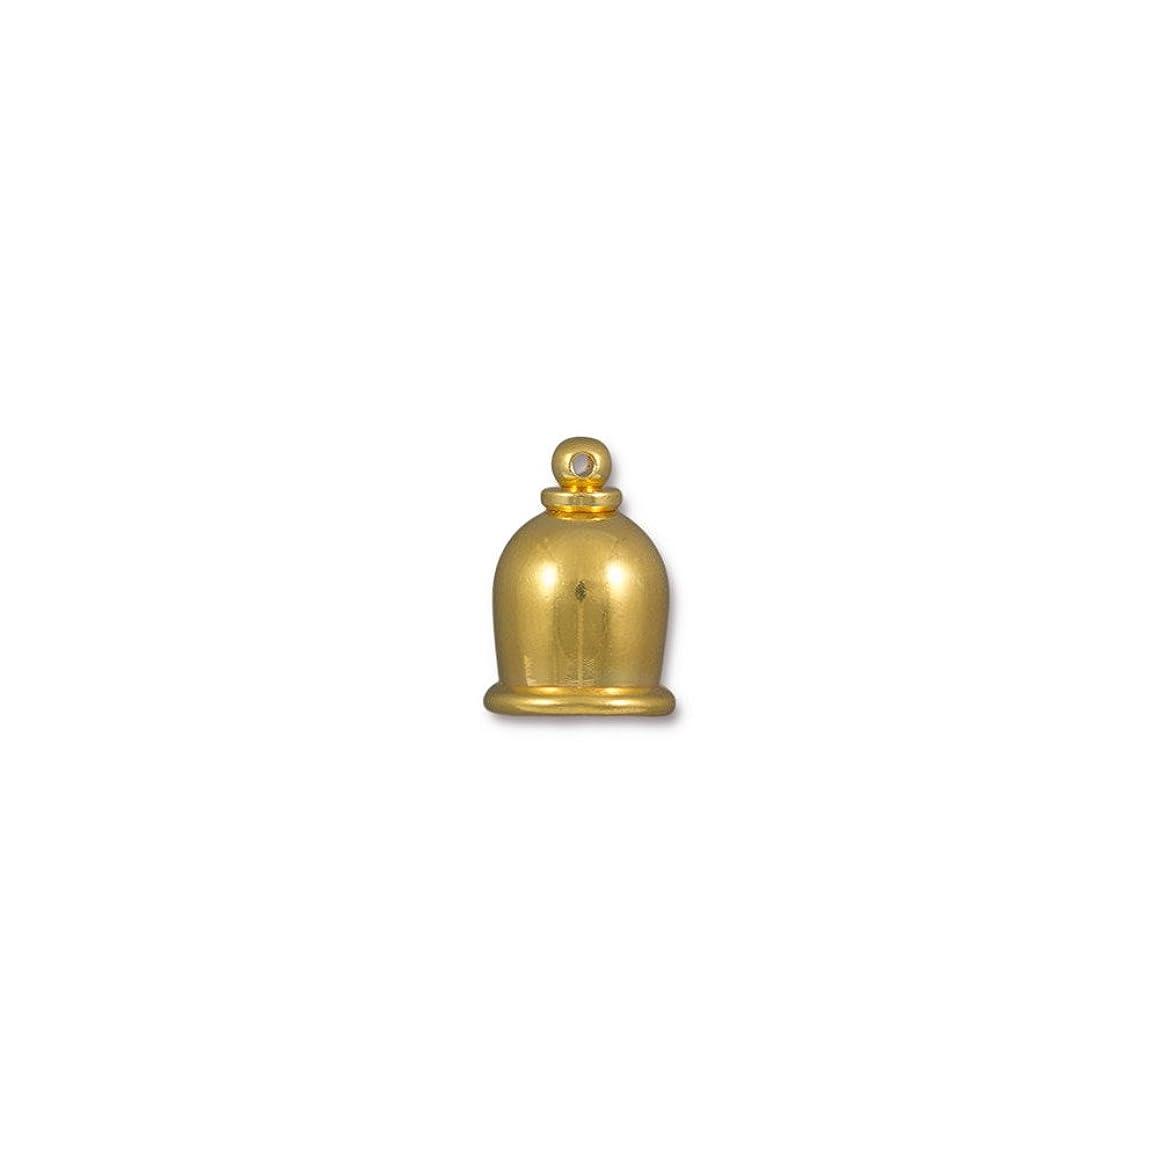 TierraCast Cord End Taj Beads, 8mm Inner Diameter/16mm, Bright Gold